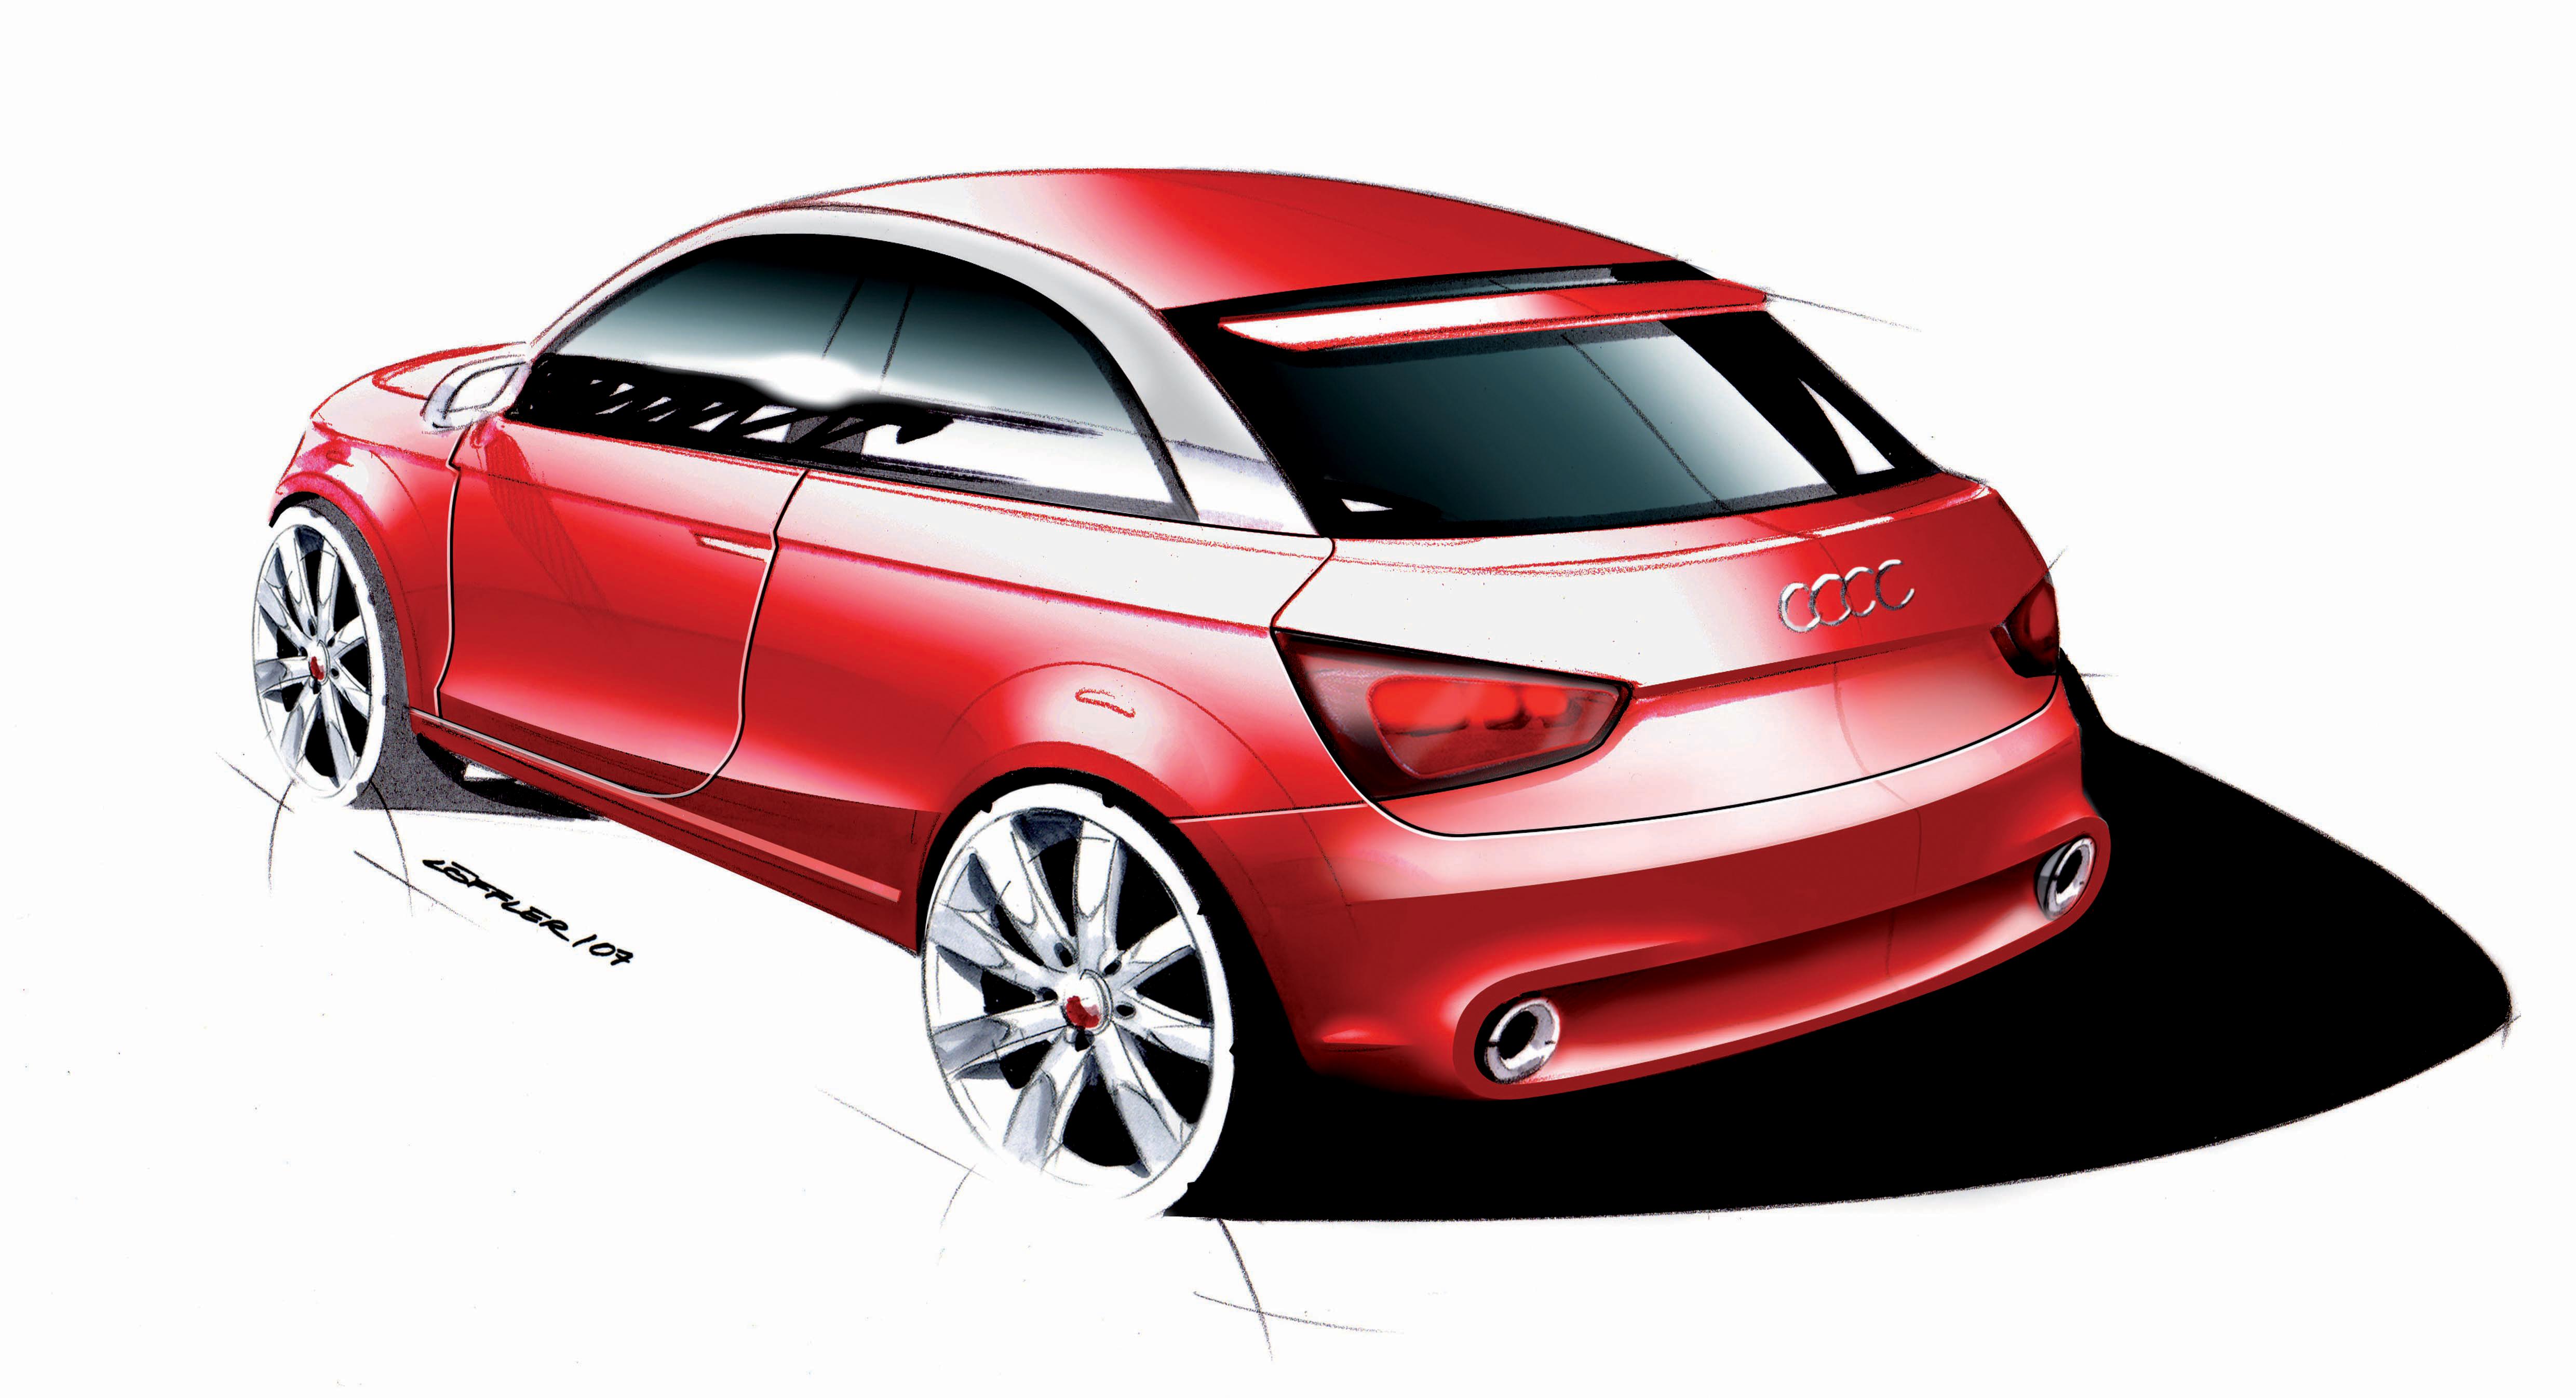 Audi metroproject quattro/Design